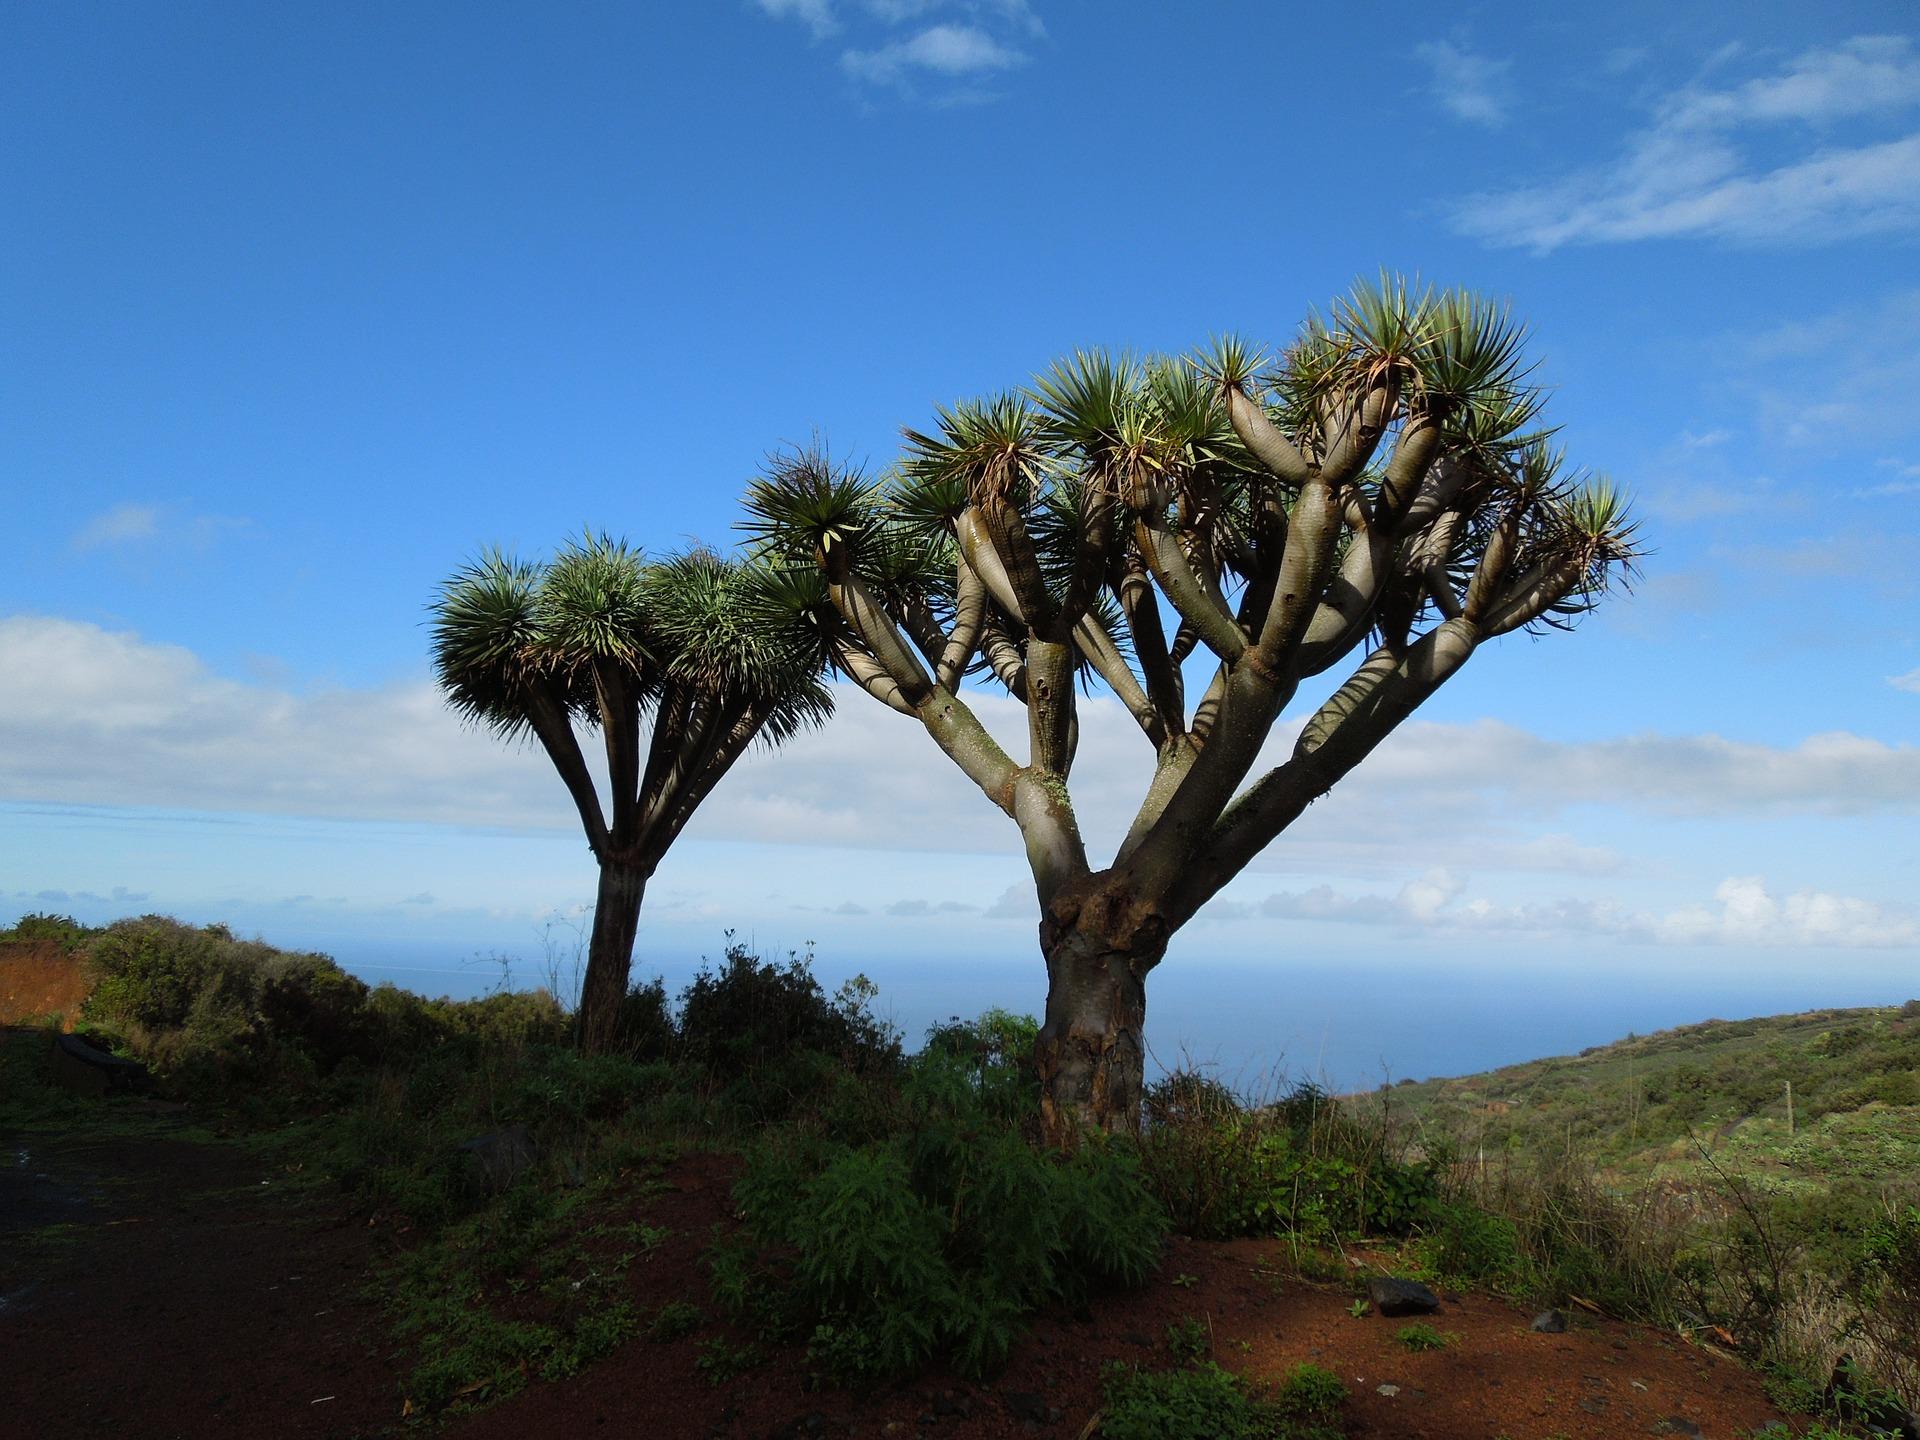 Drachenbaum auf der Insel - hier hat die Landschaft einen afrikansichen Flair auch wenn wir uns auf europäischem Boden befinden